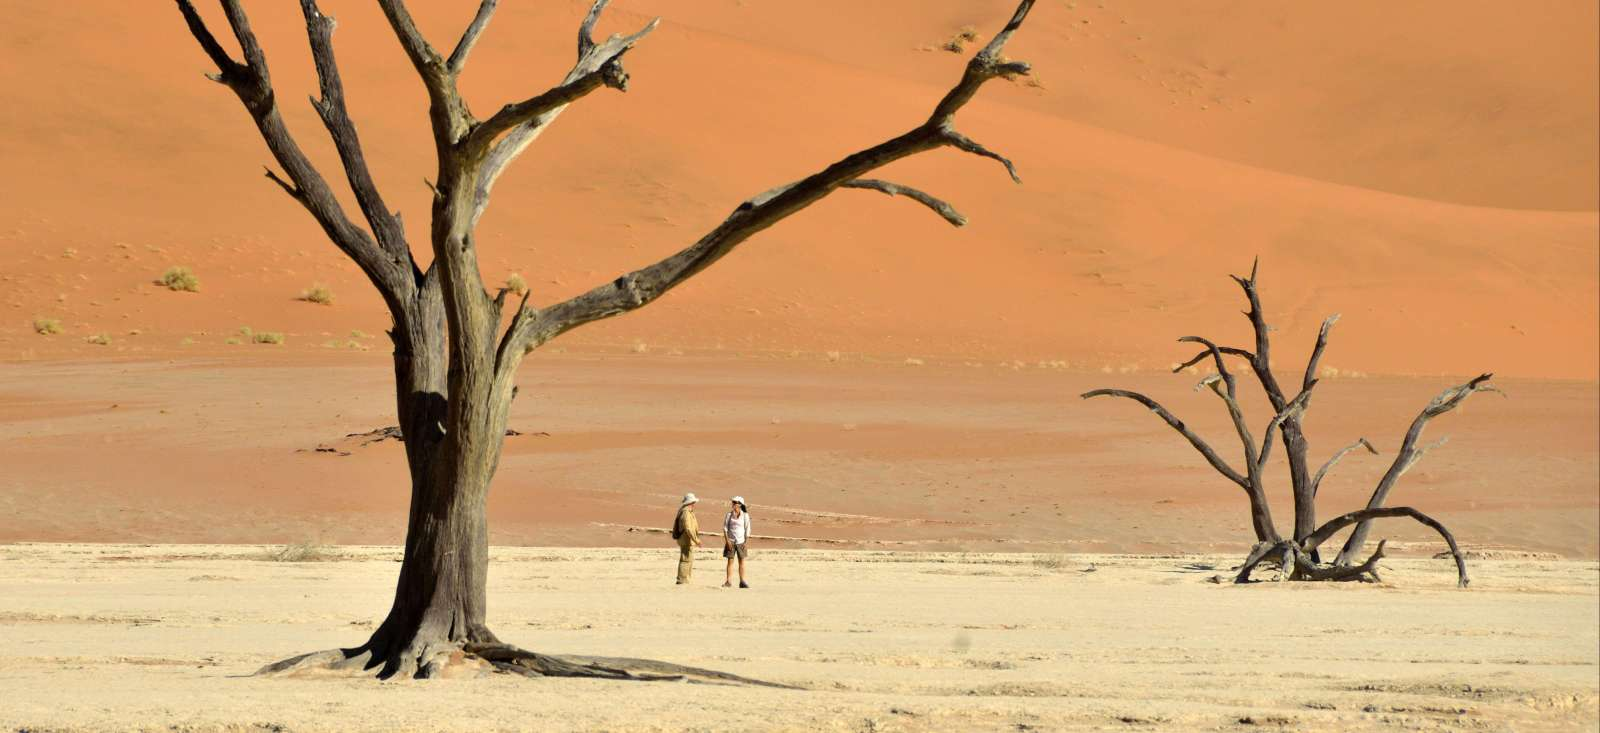 Voyage à pied : Randonnées et pistes namibiennes